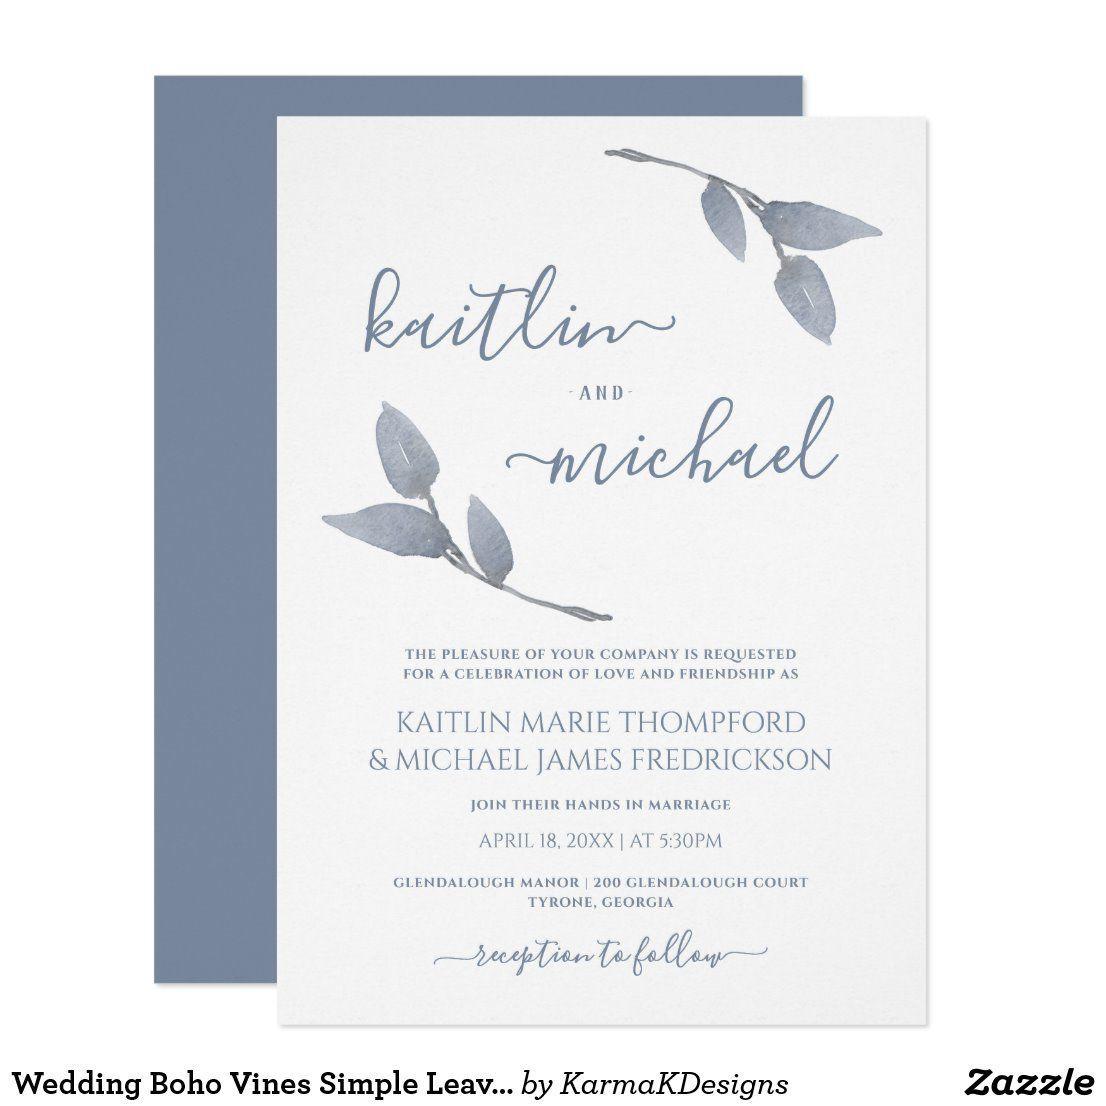 Wedding Boho Vines Simple Leaves Dusty Blue Invitation  Wedding Boho Vines Simple Leaves Dusty Blue Invitation